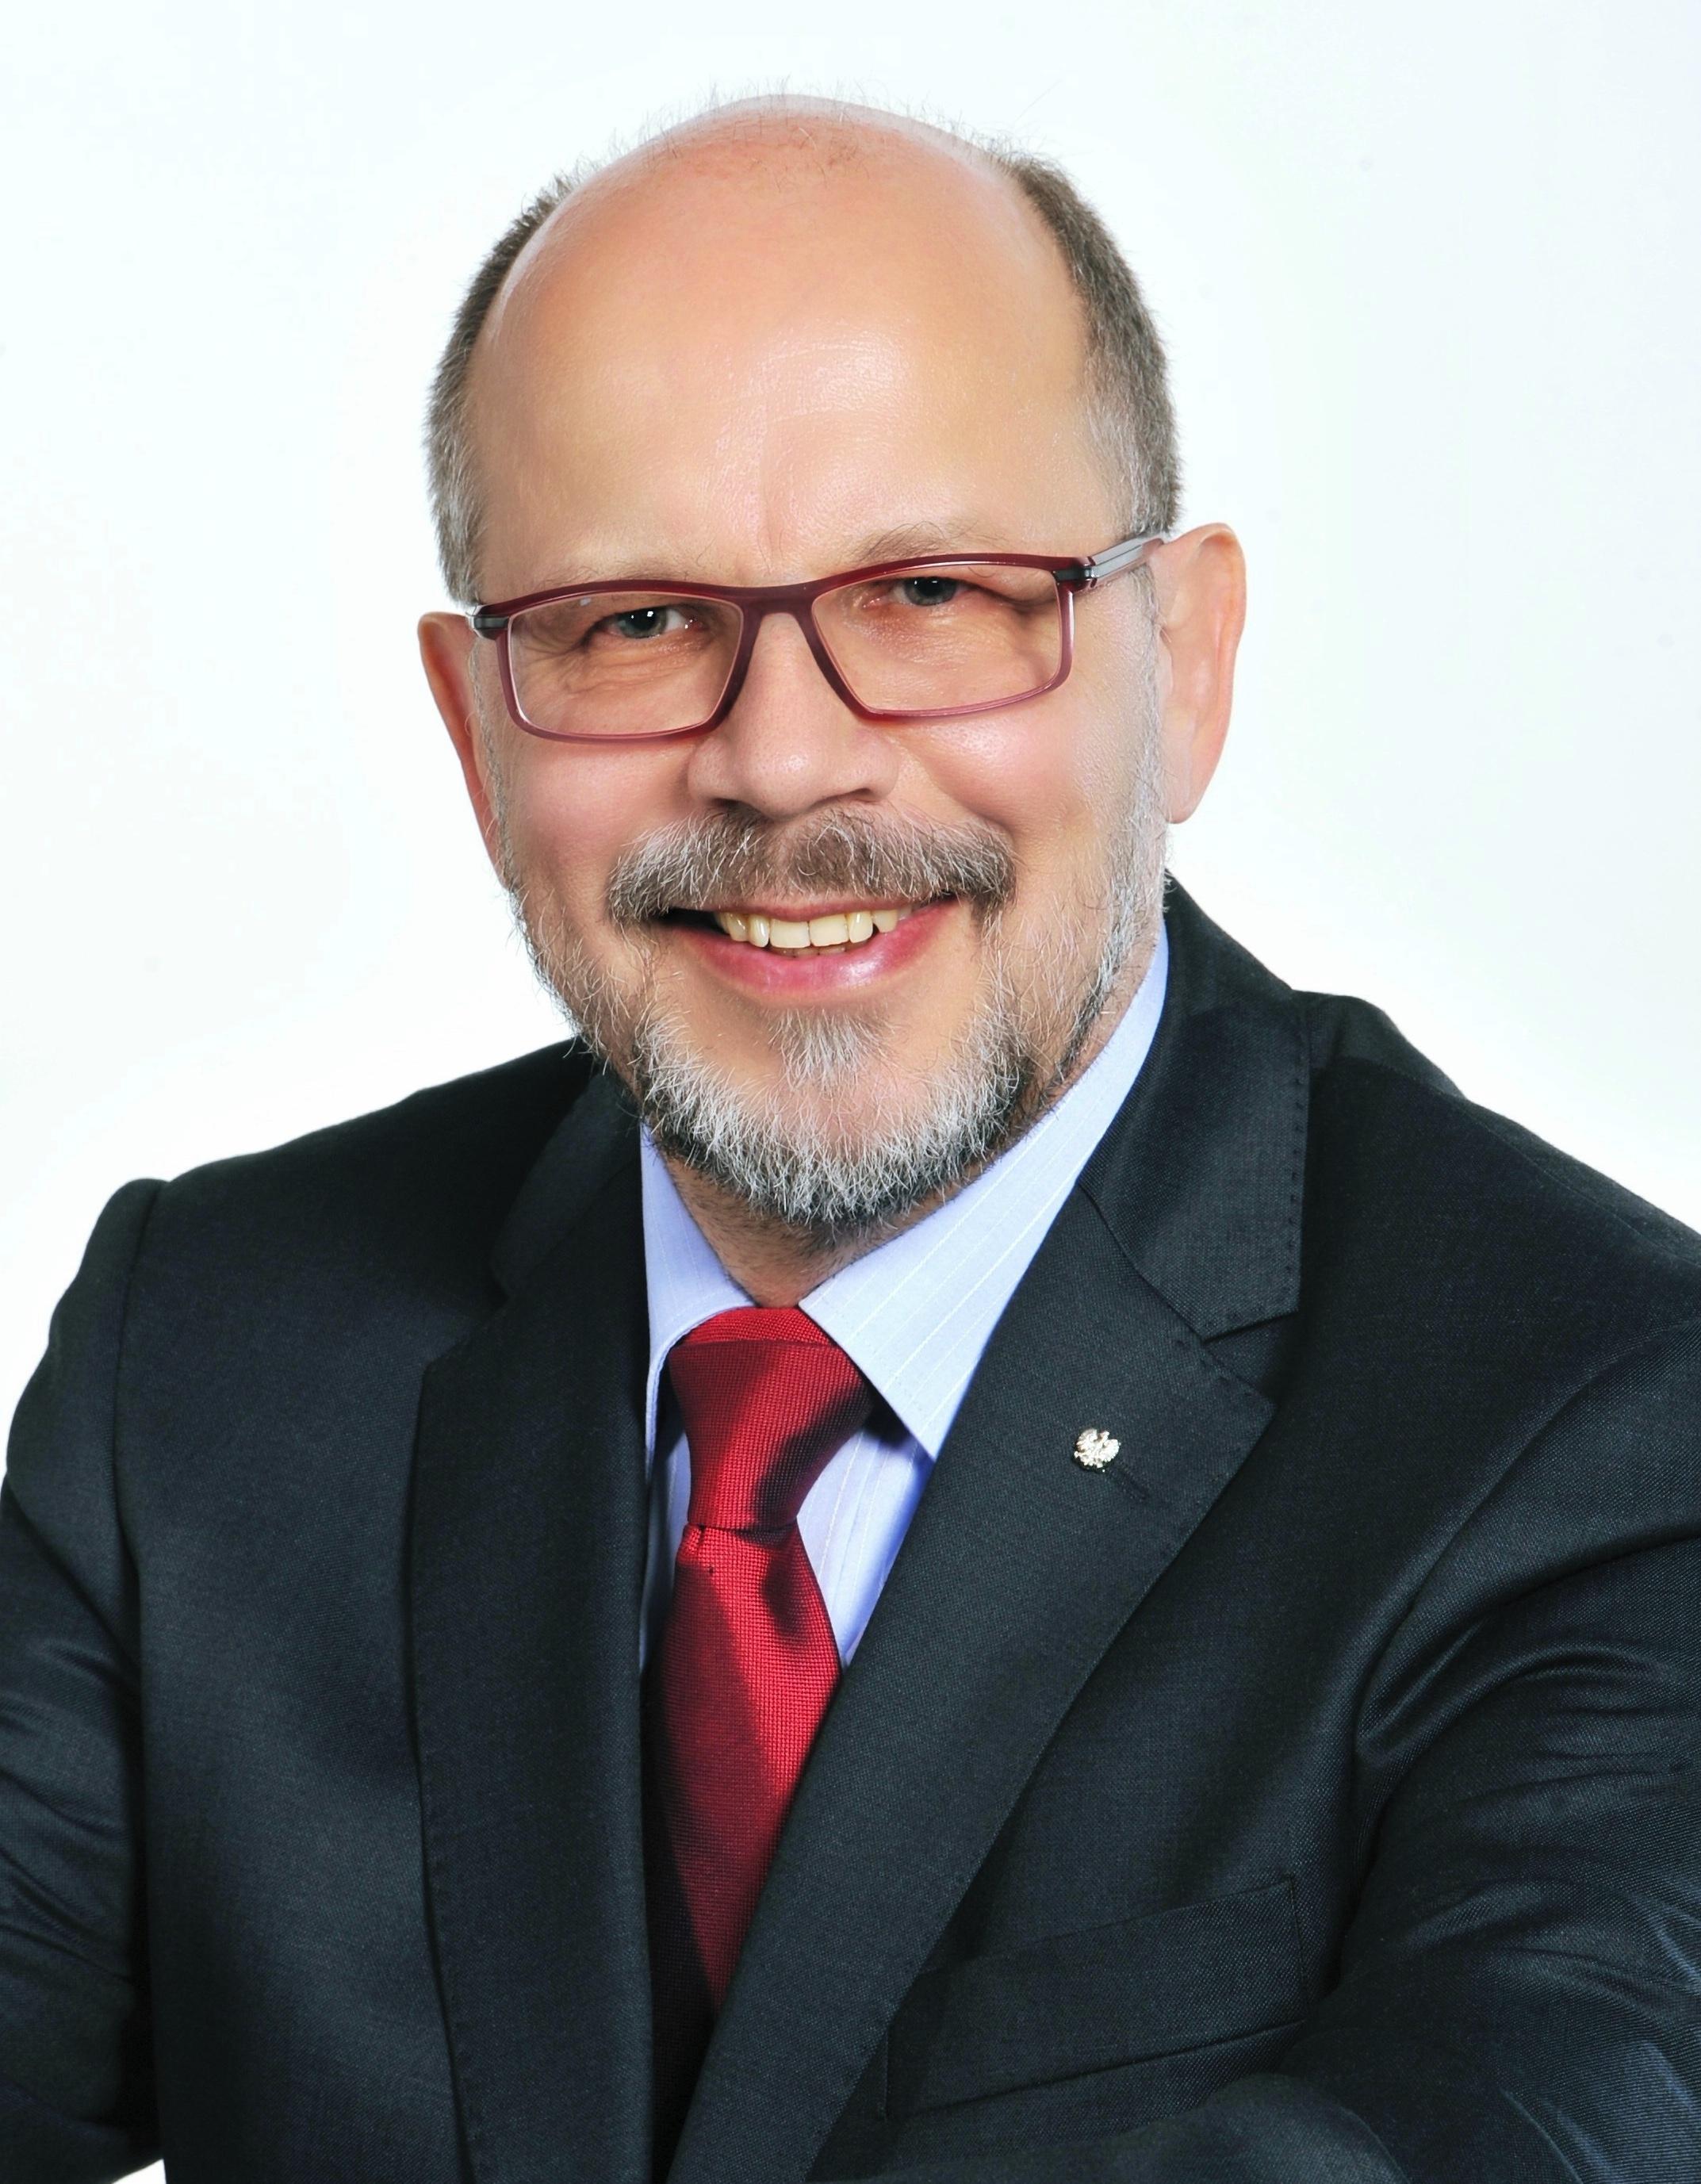 Dr. Zbigniew Ruszczak